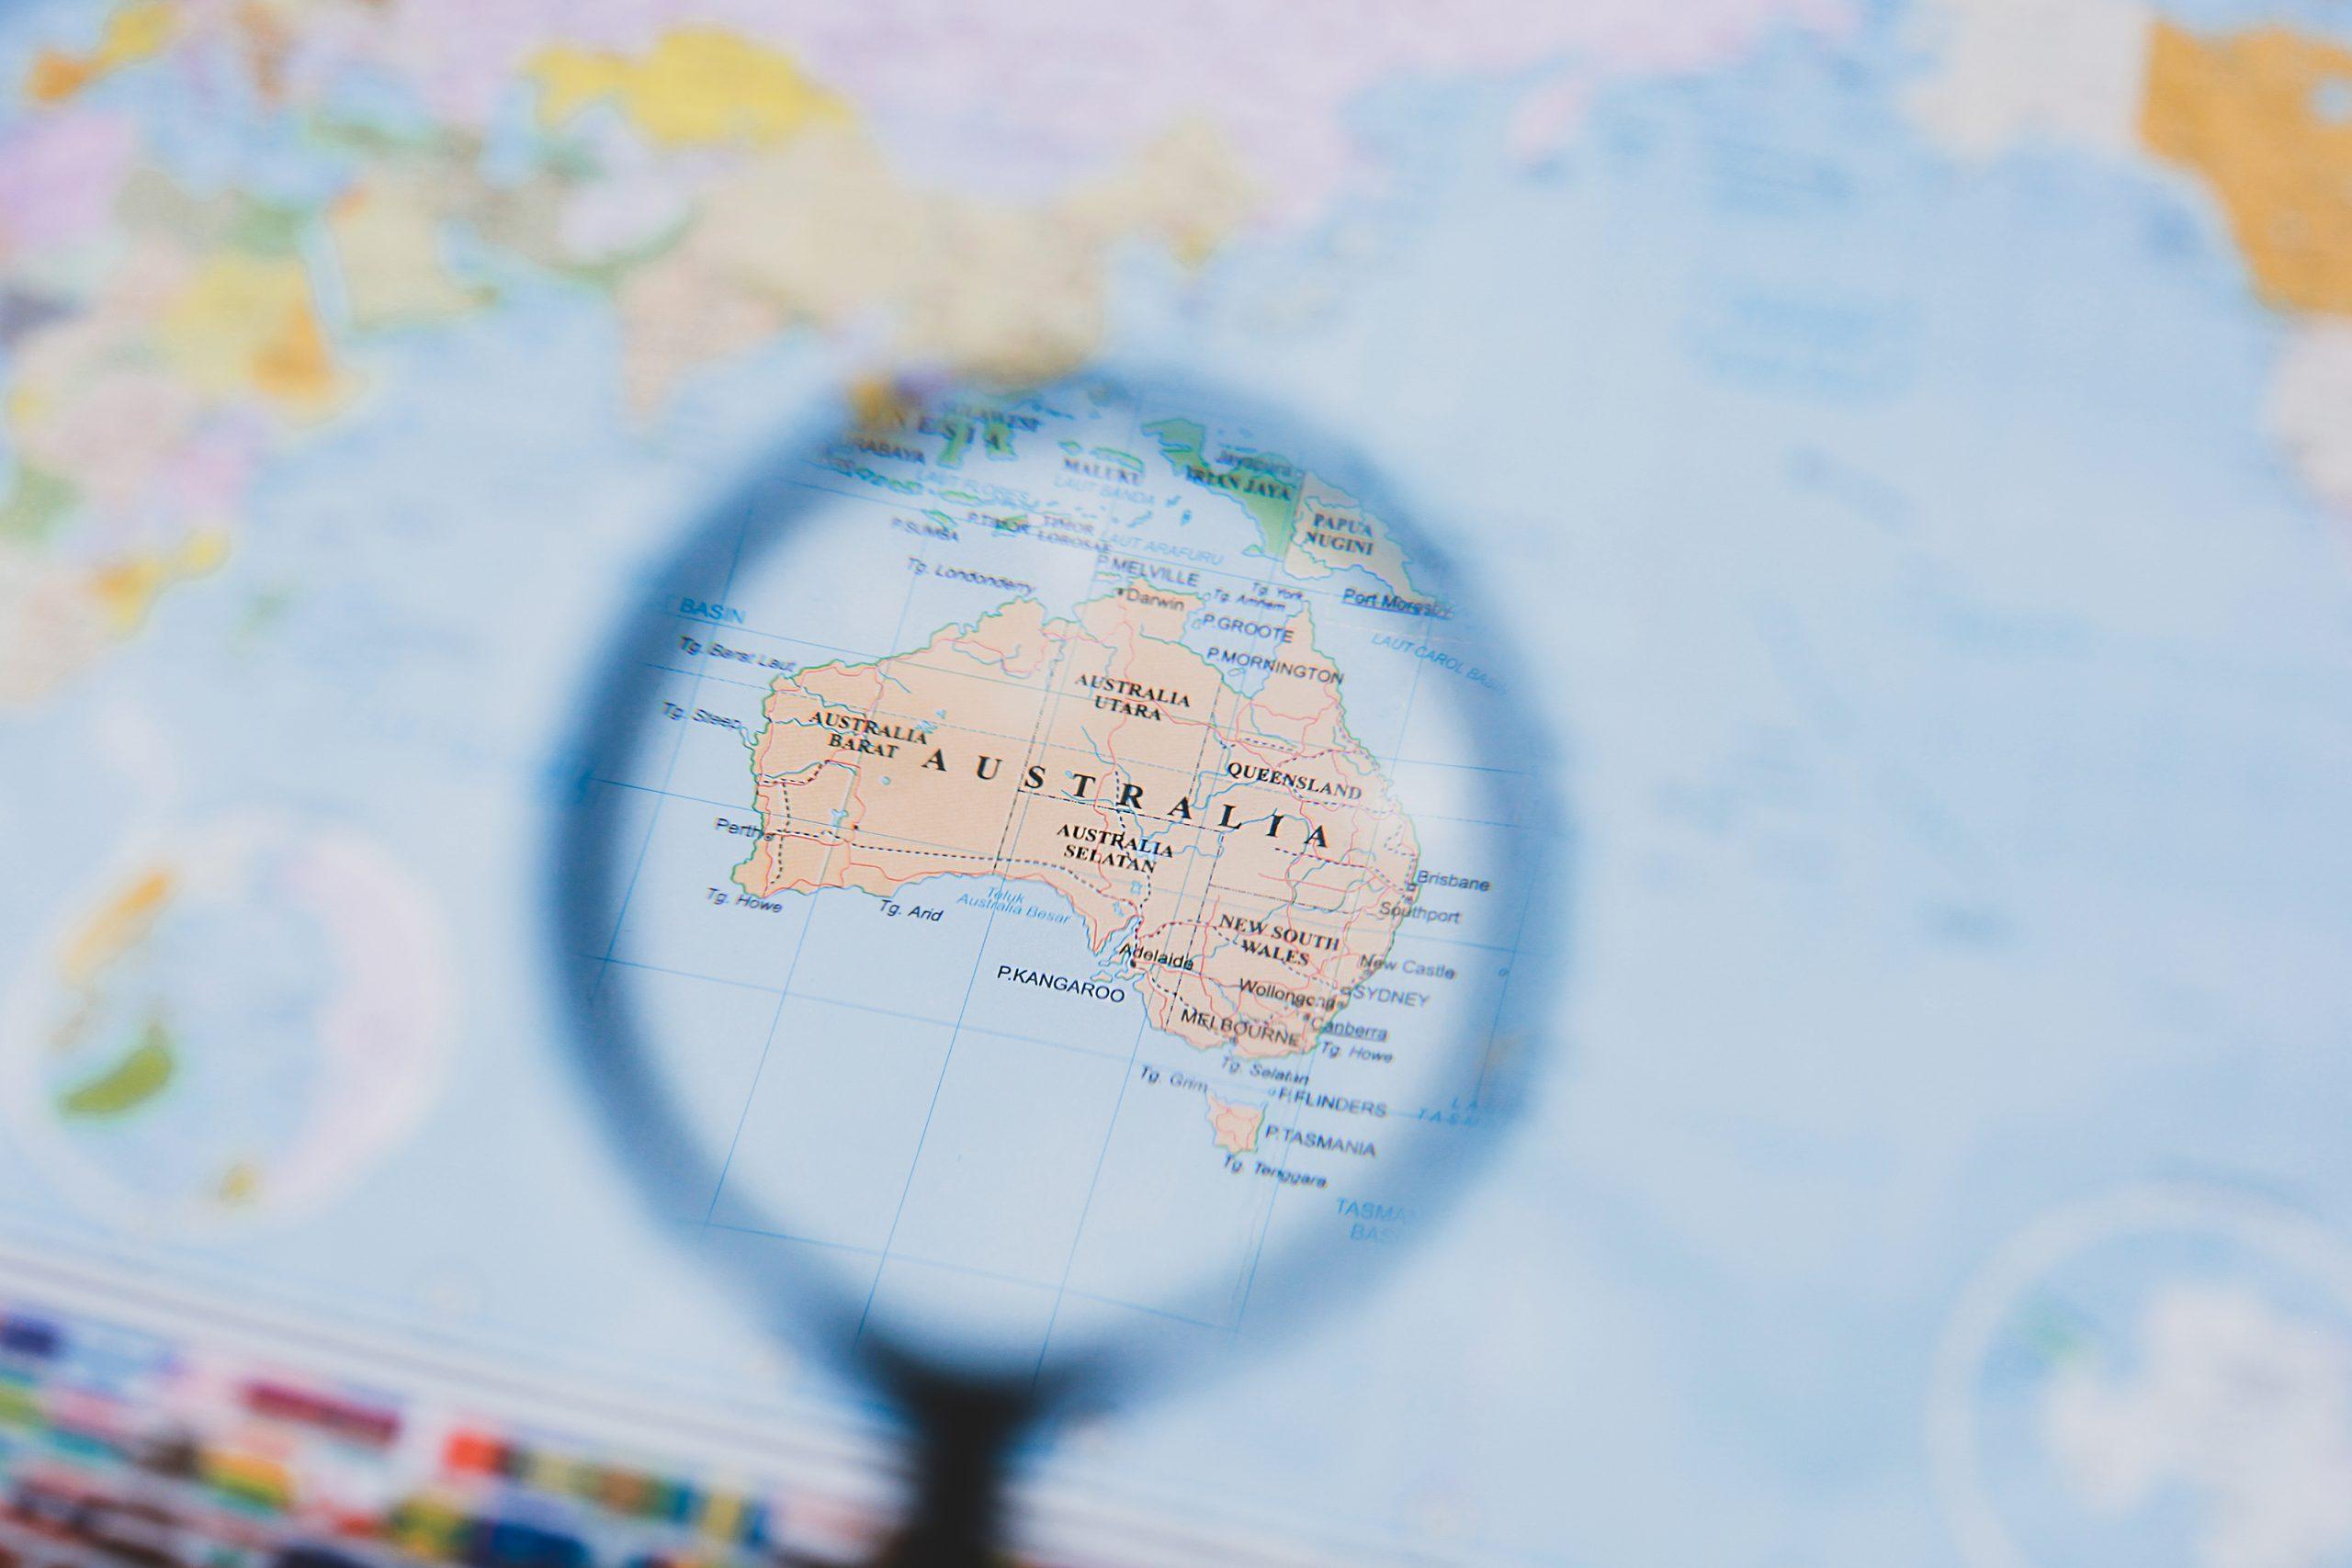 MS In Australia